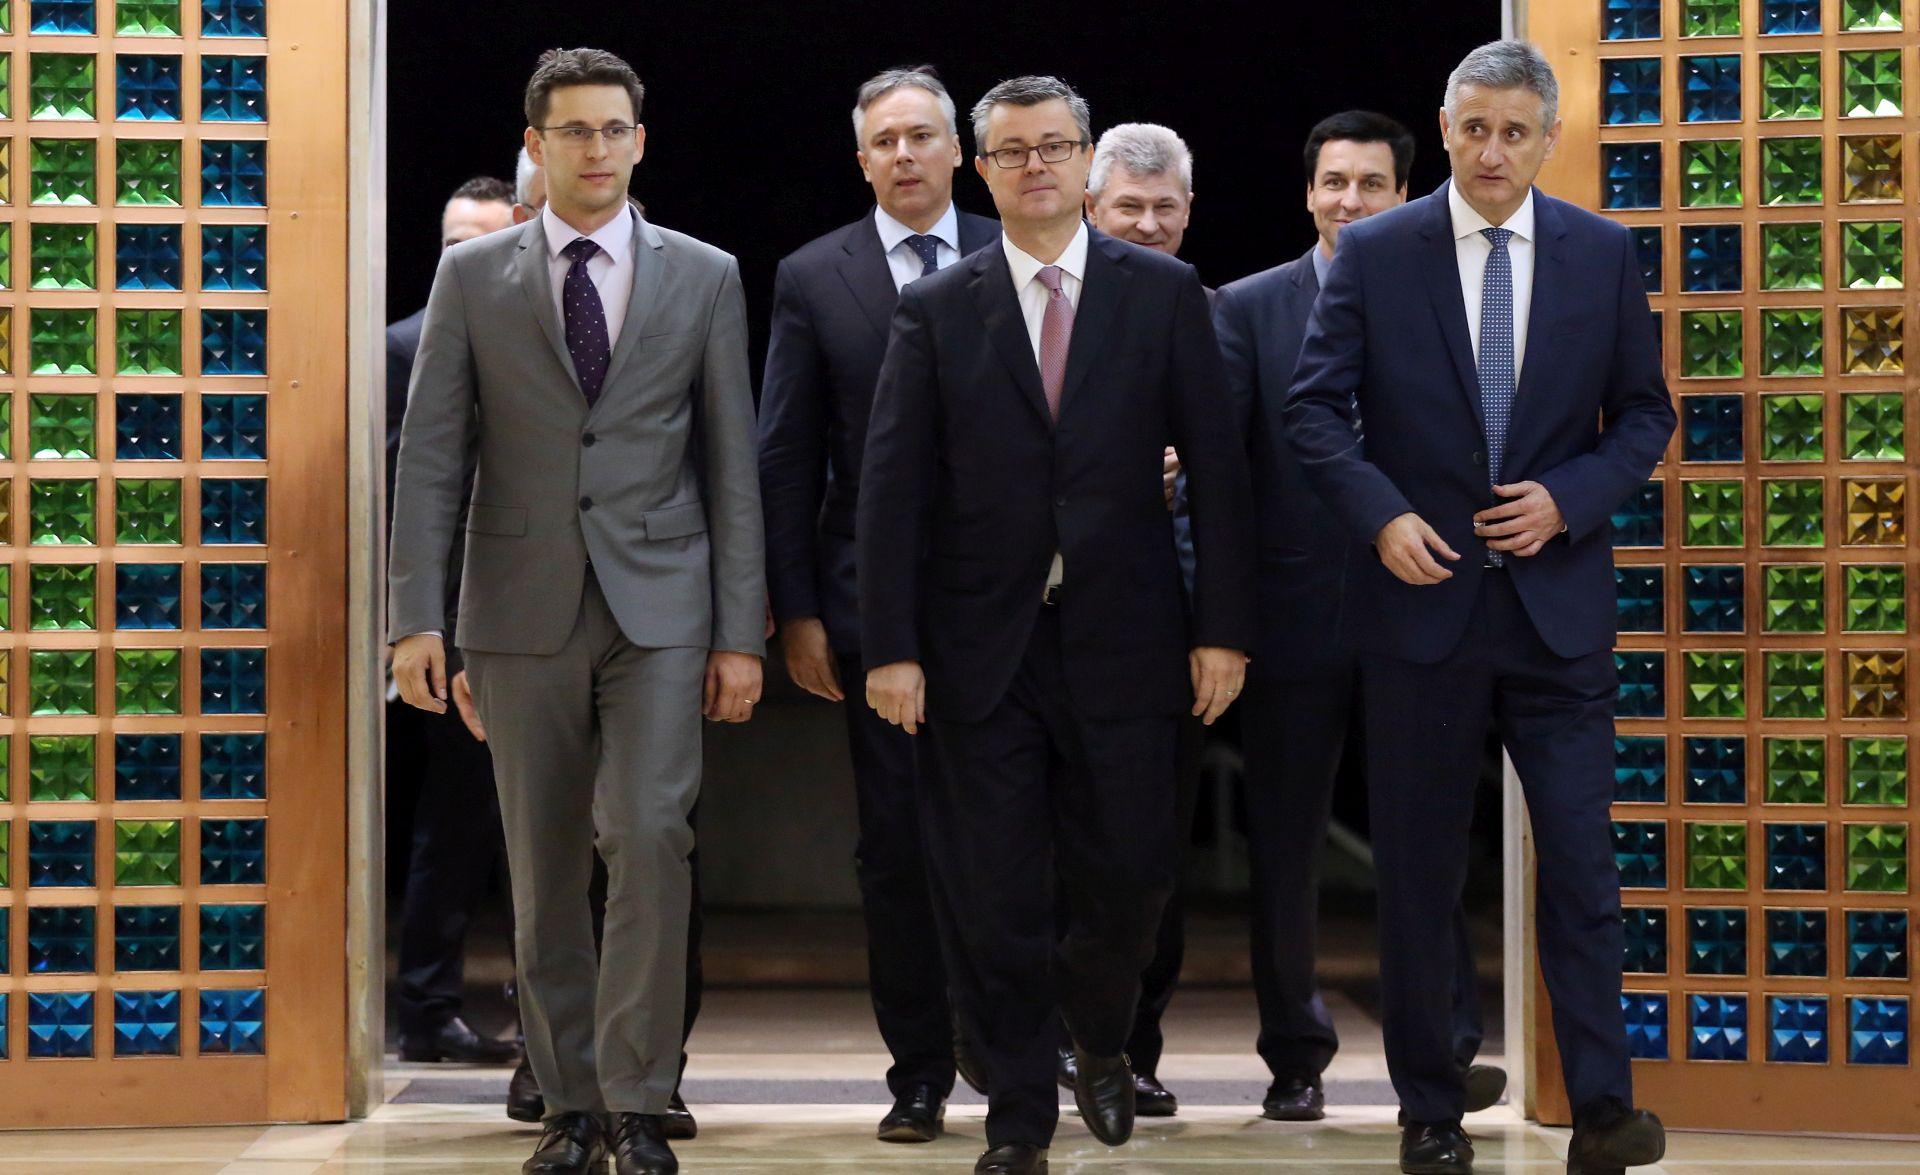 PLANOVI NOVOG MANDATARA: Tri ključne reforme i projekti s kojima će krenuti Tihomir Orešković